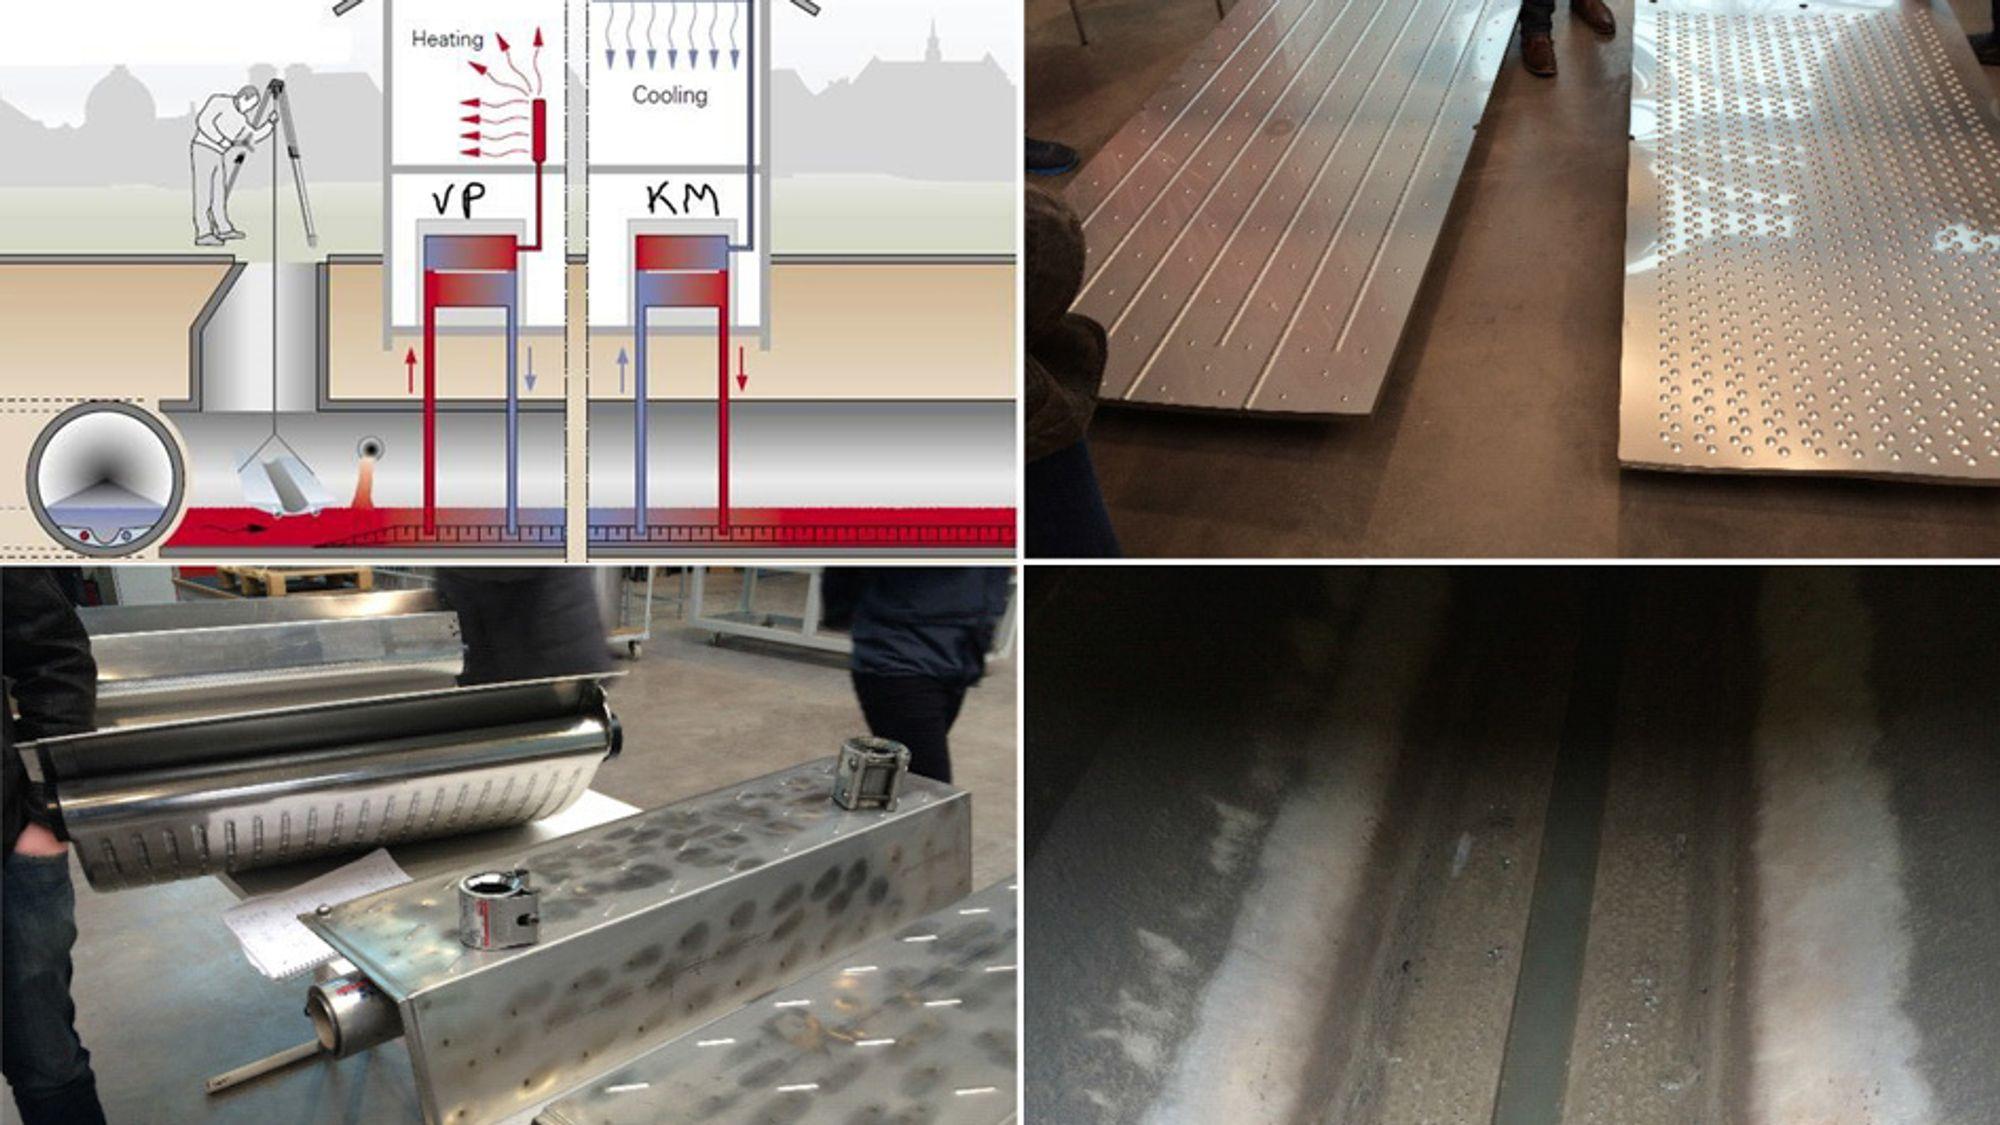 En varmepumpe/kjølemaskin er koblet mot varmevekslerelementene i avløpsrøret. Dette er det første anlegget i Norge hvor varmevekslere plasseres i selve avløpstunnelen.